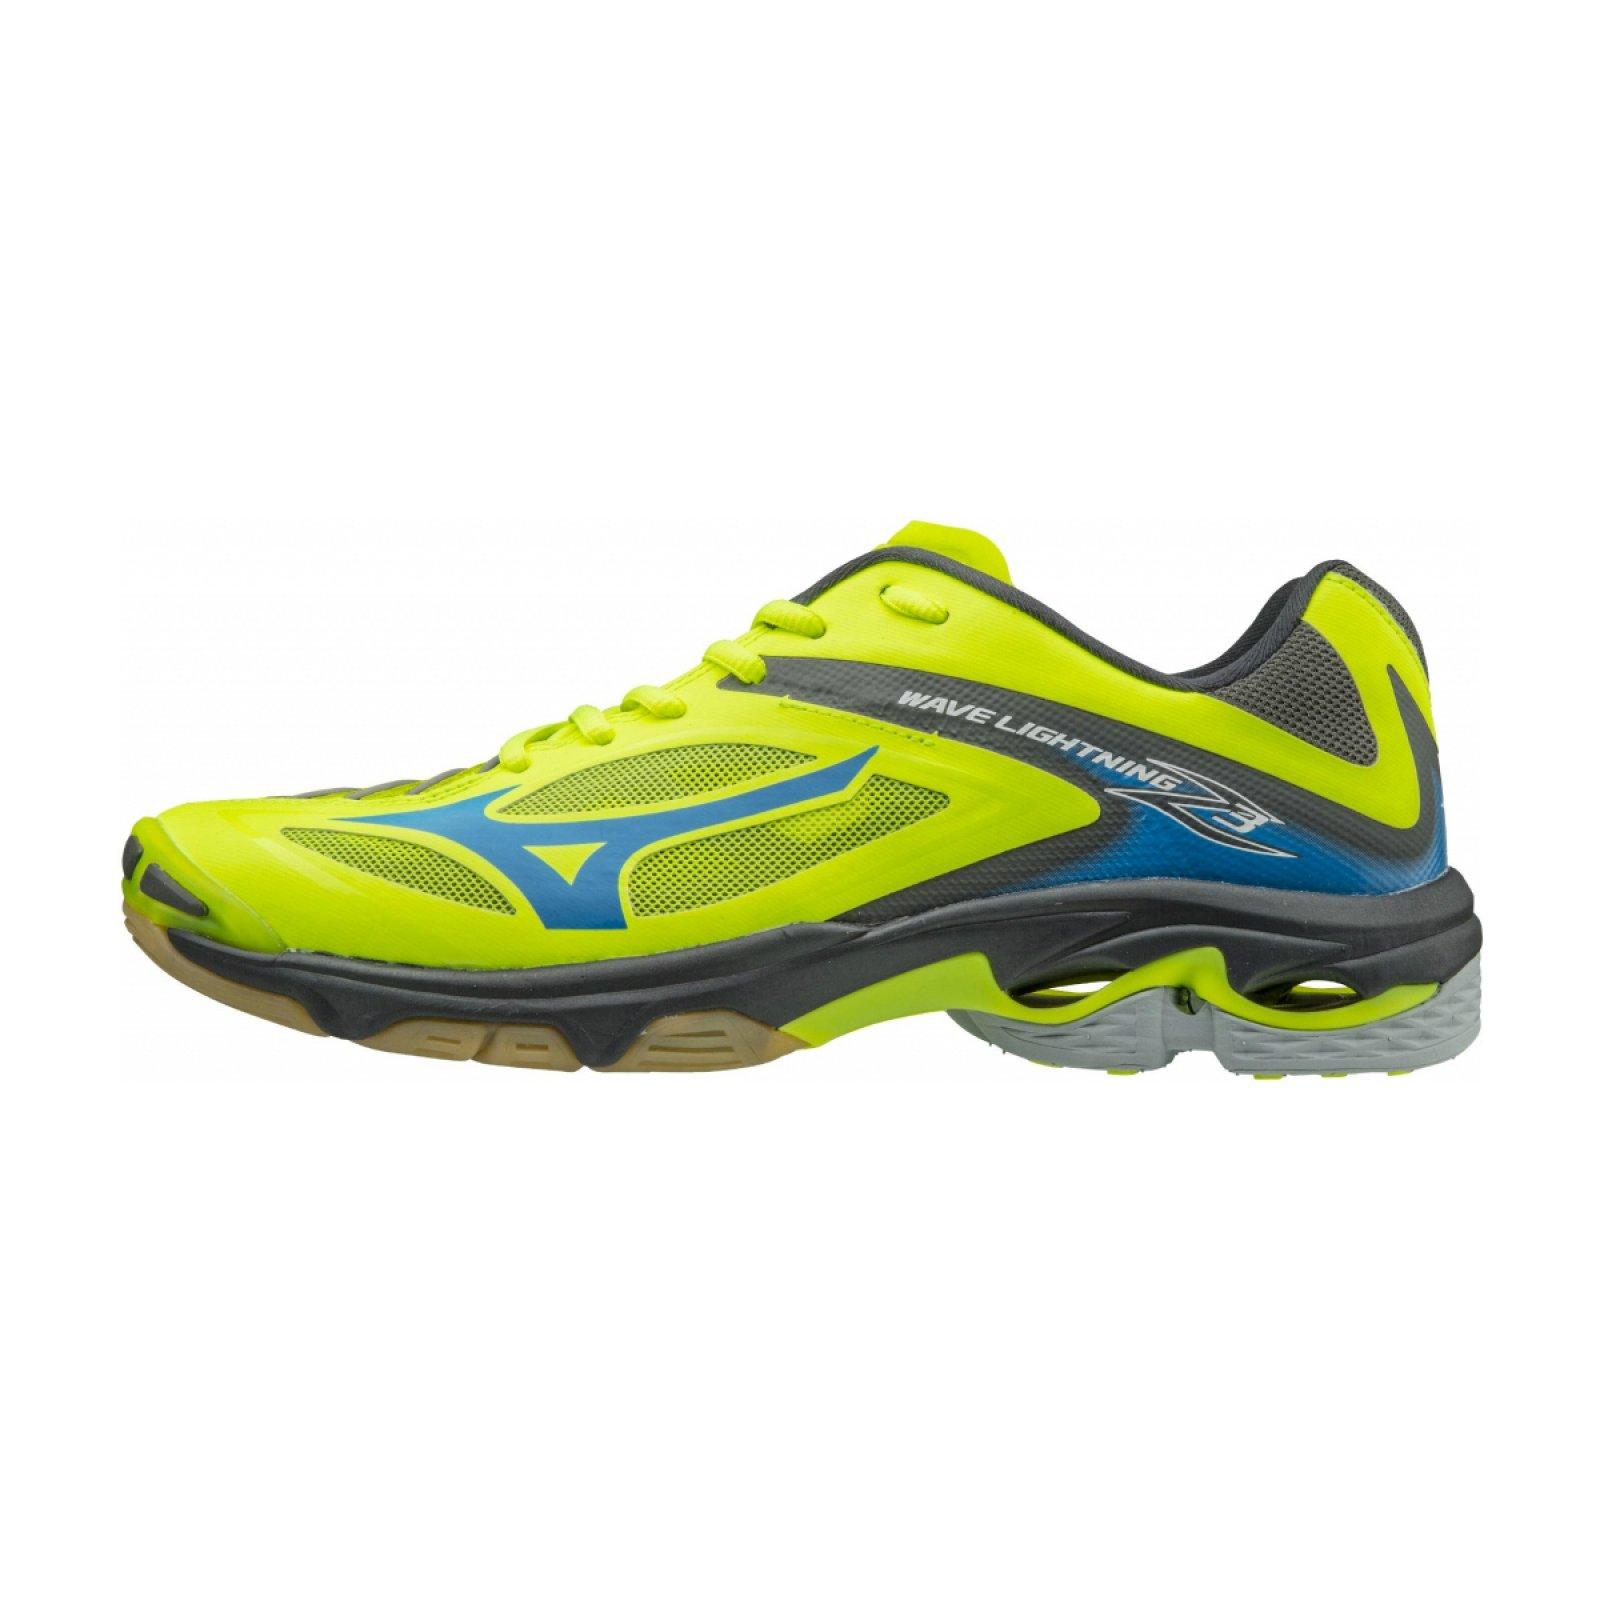 c02f6b0914c Volejbalové boty Mizuno Wave Lightning Z3 V1GA170048 - Actisport.cz